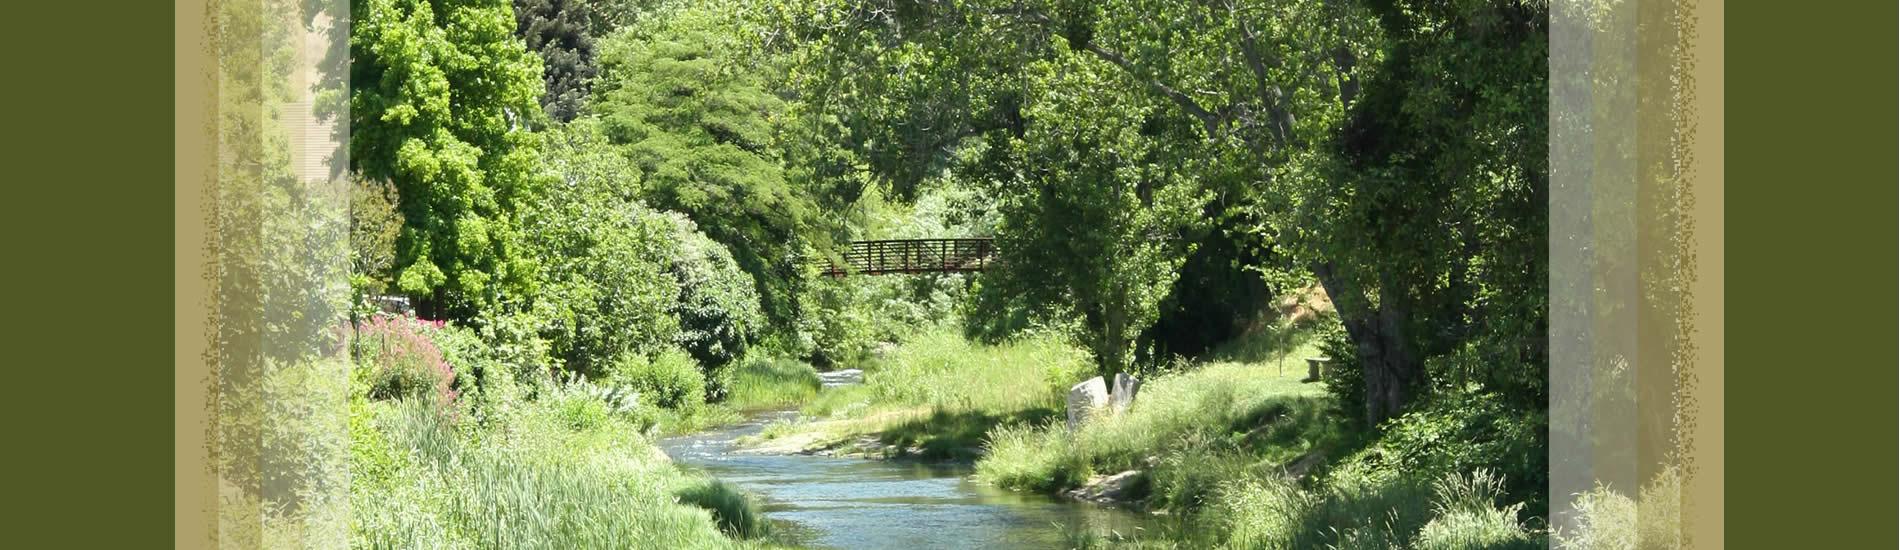 sutter creek califonia